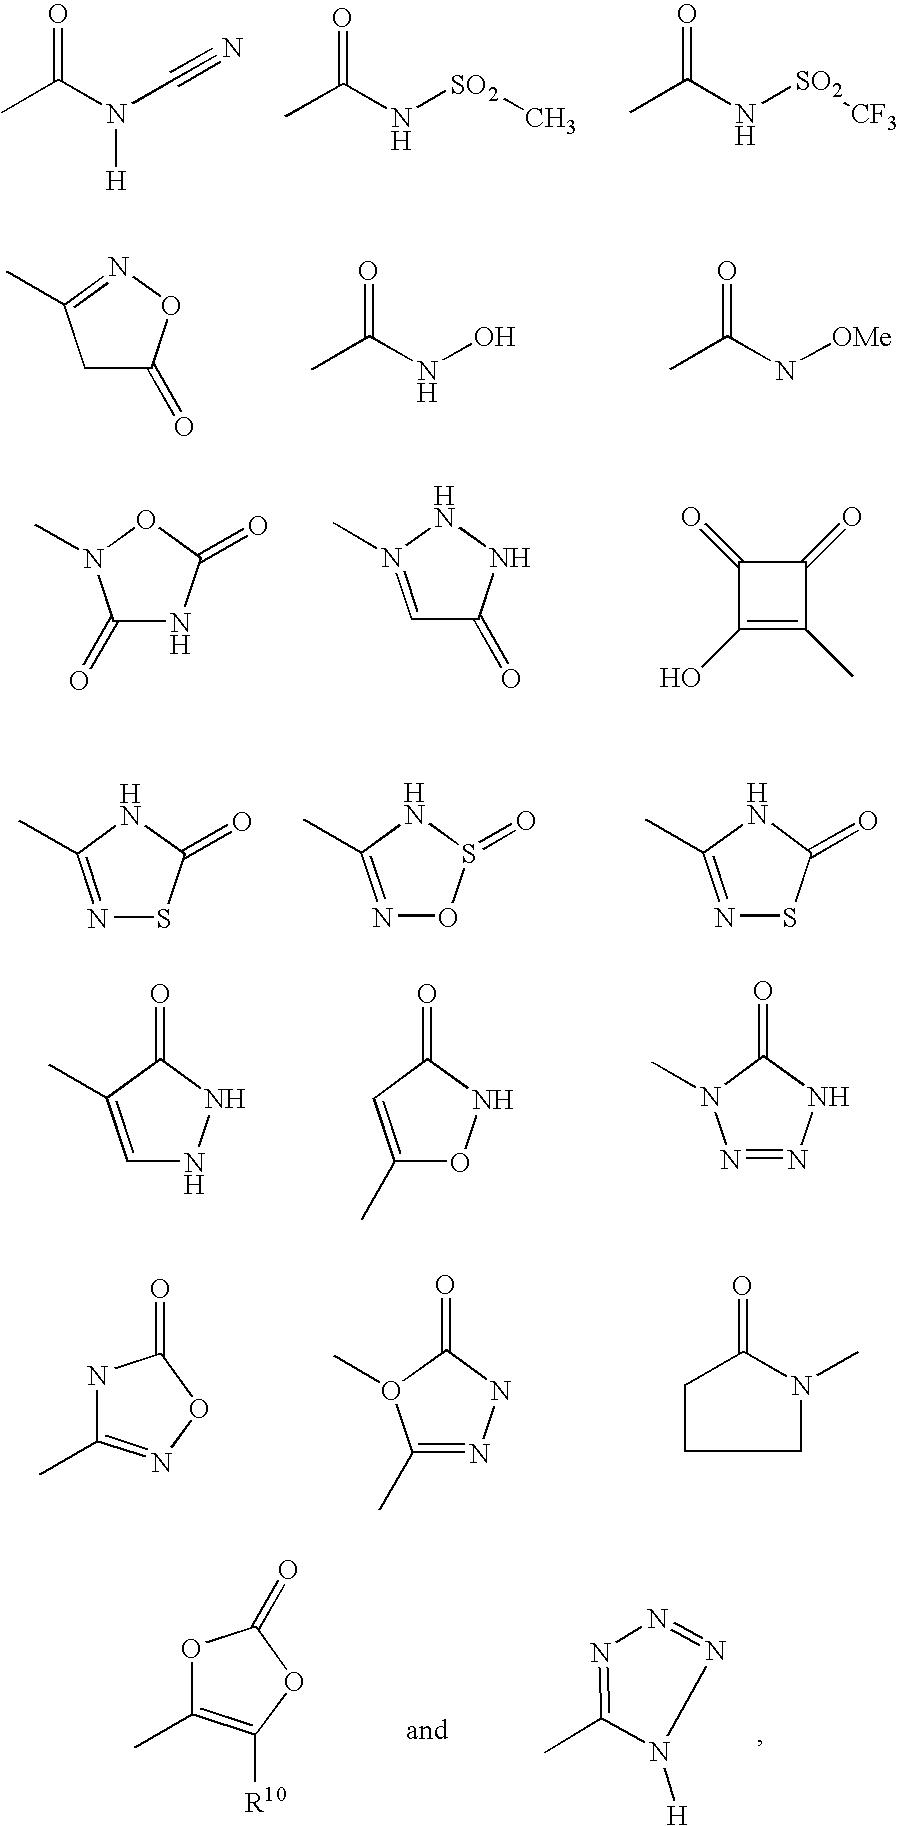 Figure US20050009827A1-20050113-C00006